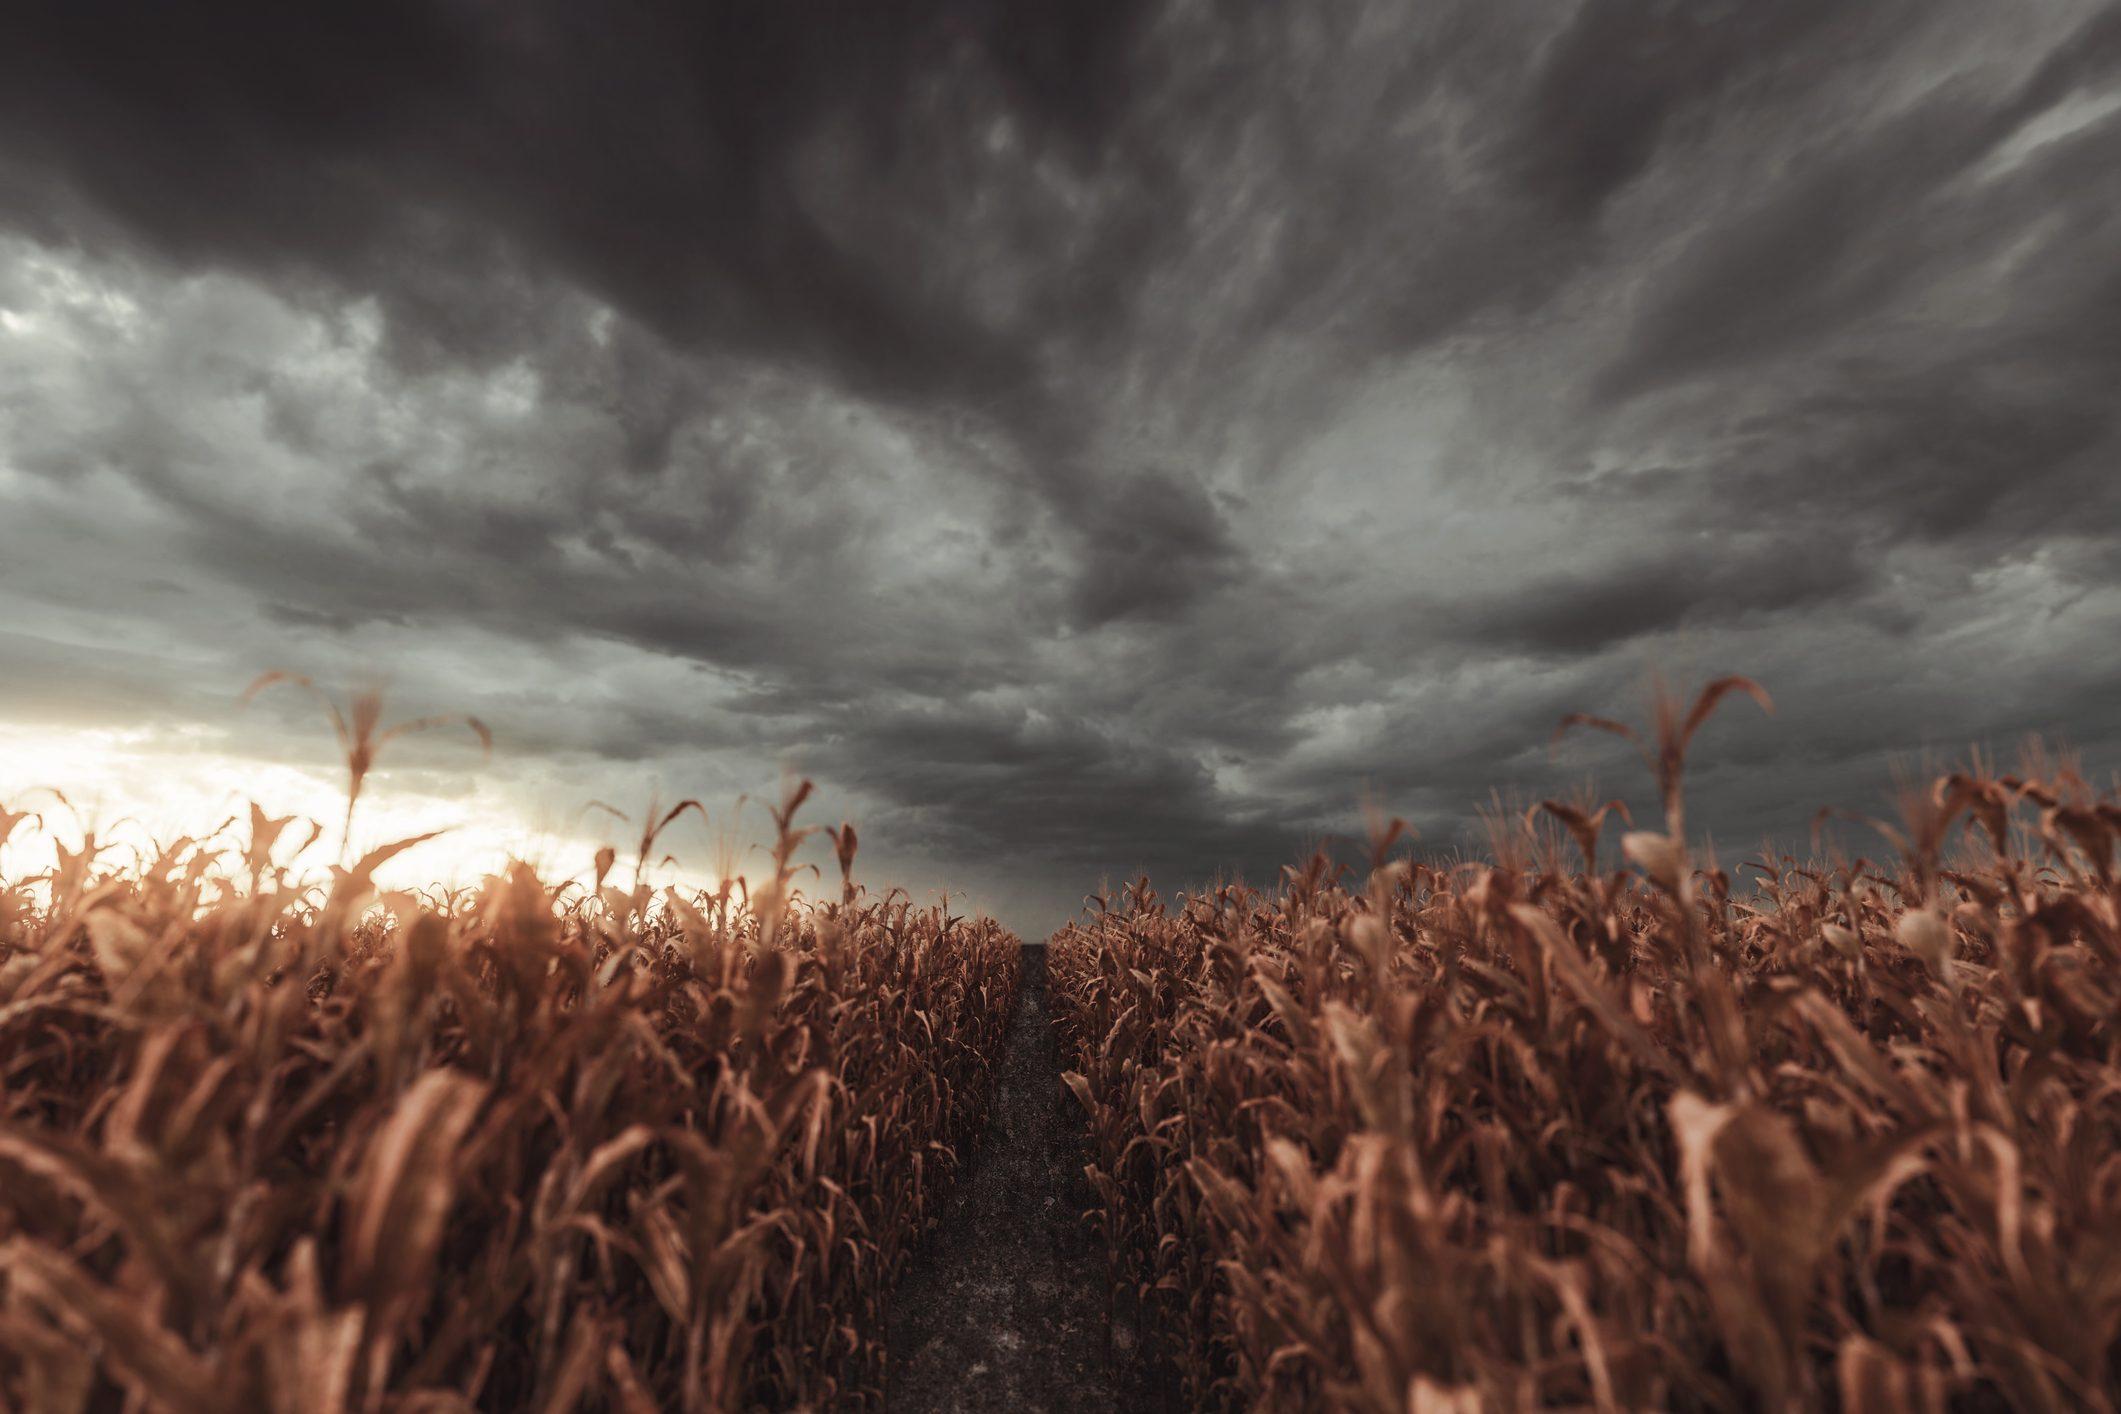 Cambiamenti climatici, oltre 11.000 disastri e 3.600 mld di dollari di danni negli ultimi 50 anni